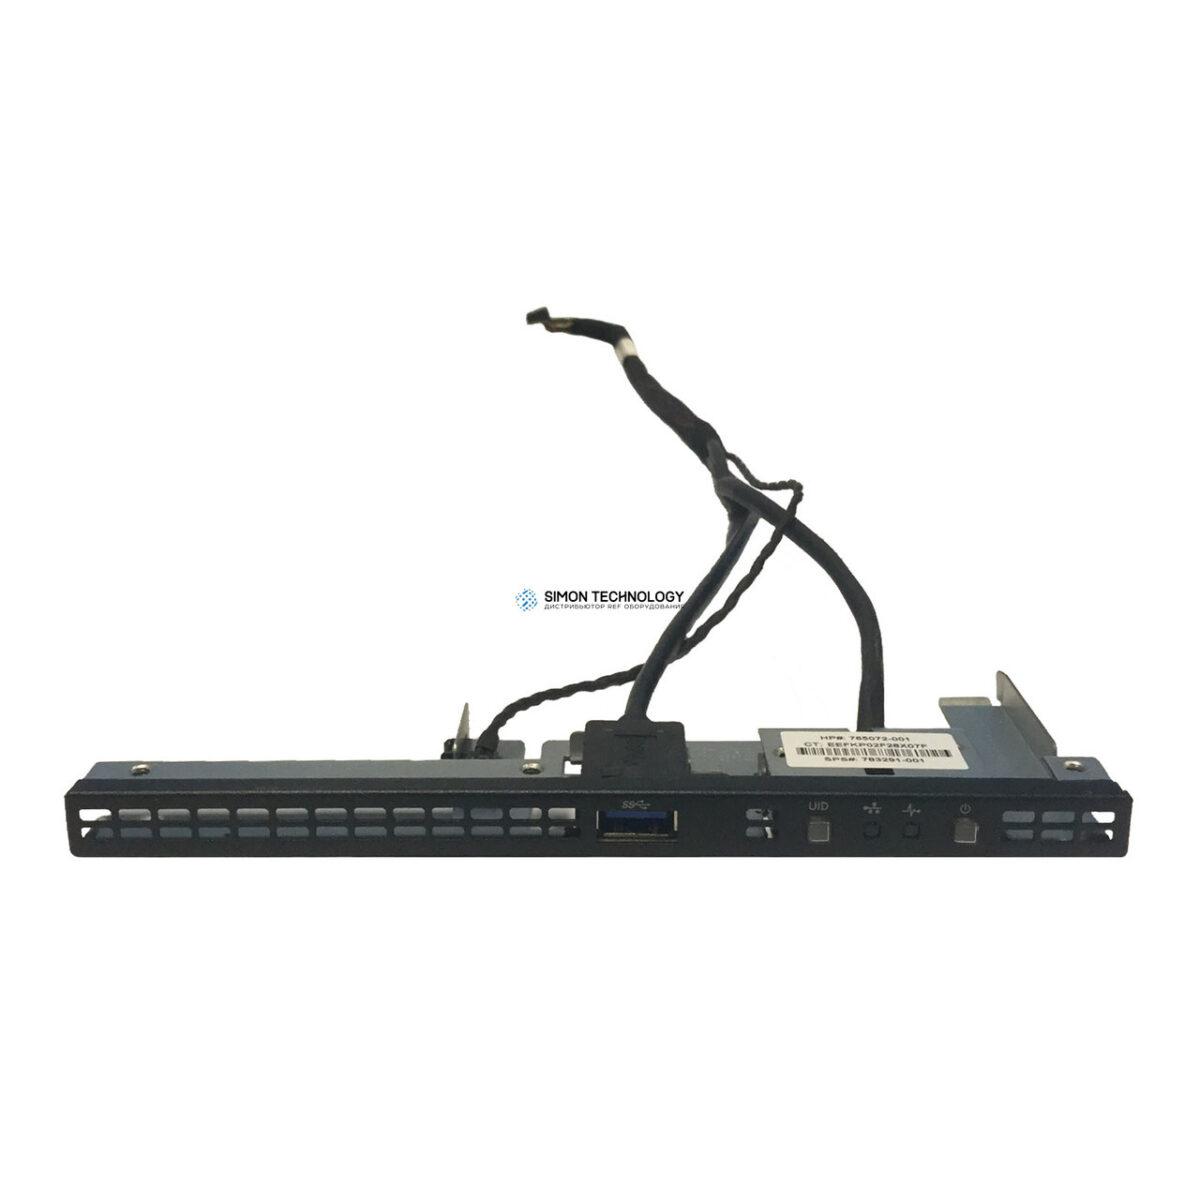 HP HPE PWR/UID w/CBL 4LFF GEN9 (783291-001)